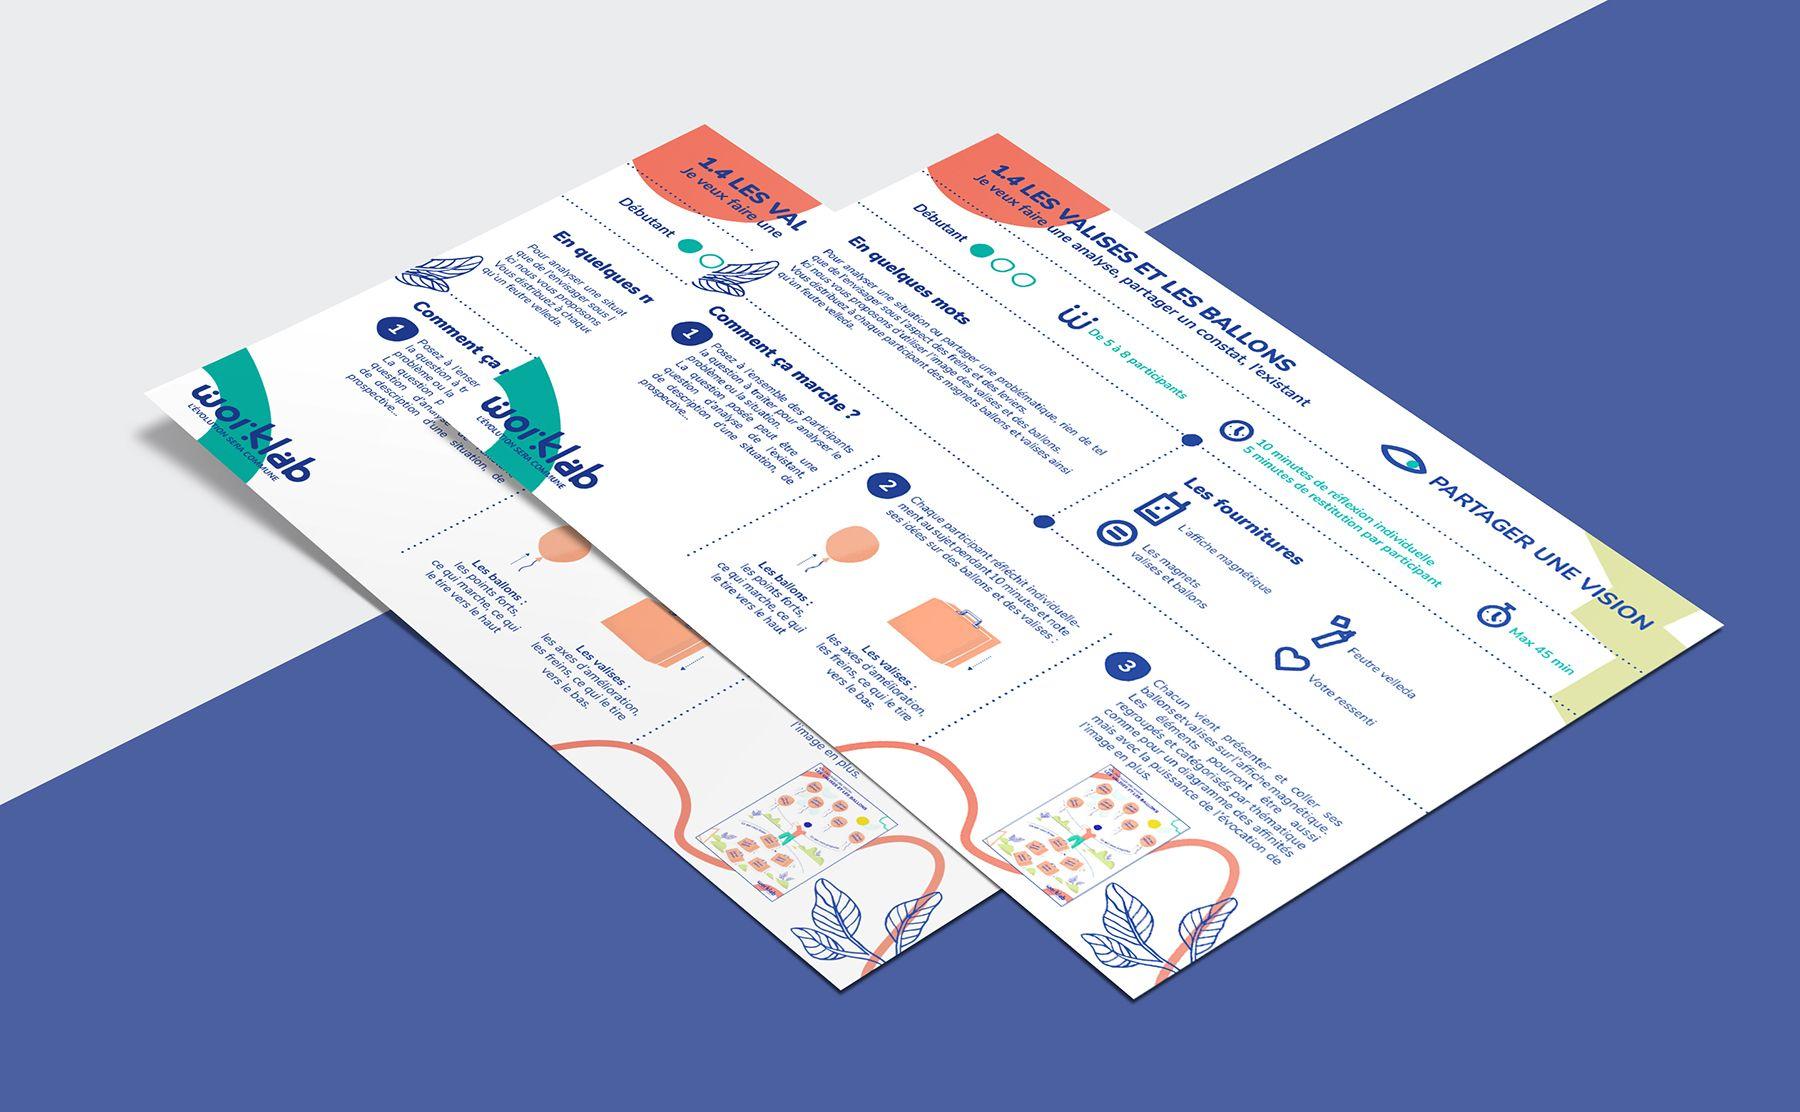 Un prototype de support éditorial pour Worklab : Fiche de règles pour l'atelier Valises et ballons